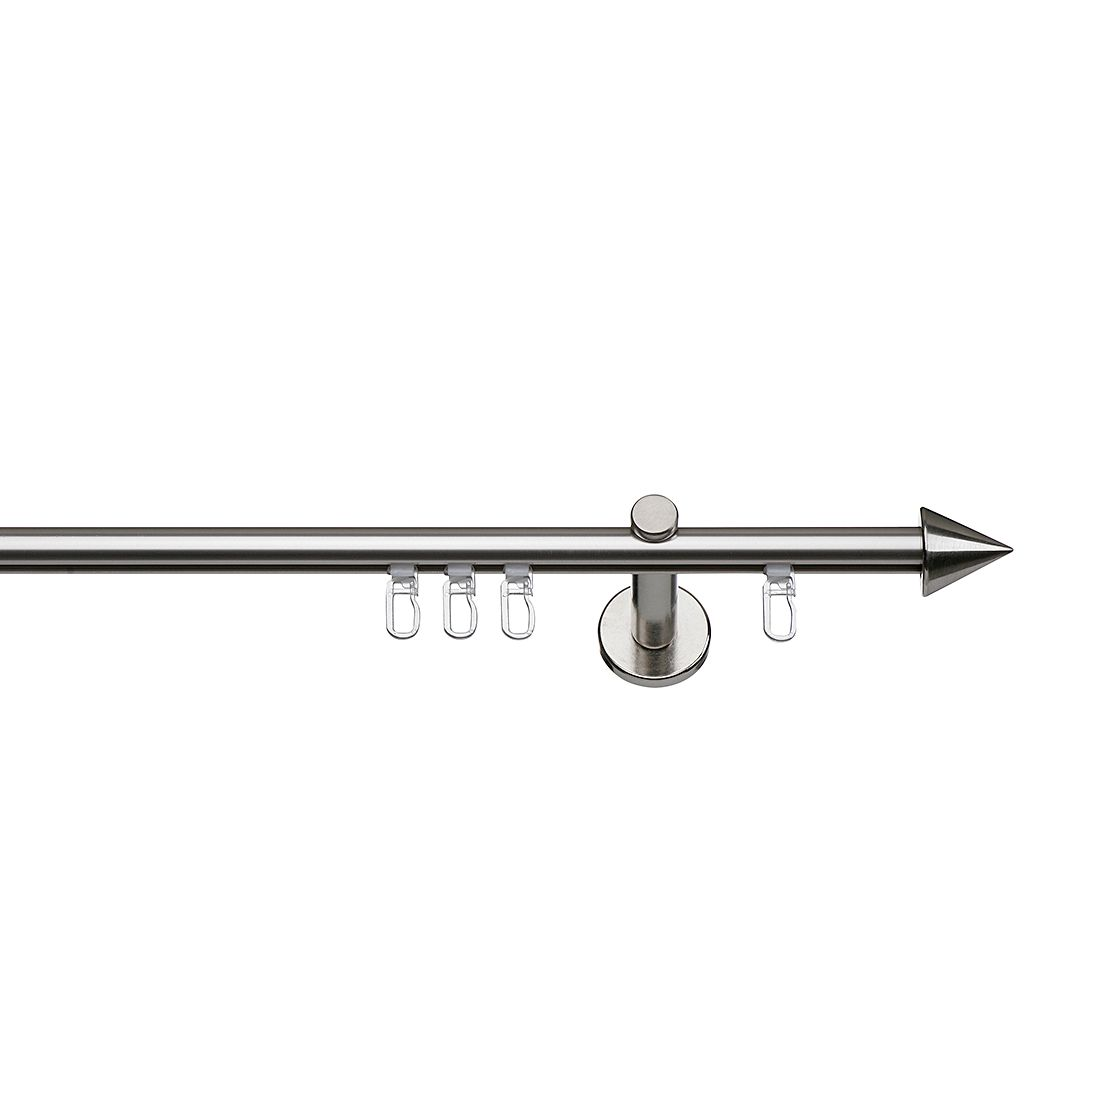 Gardinenstange Alice (1-läufig) – 240 cm, indeko günstig bestellen